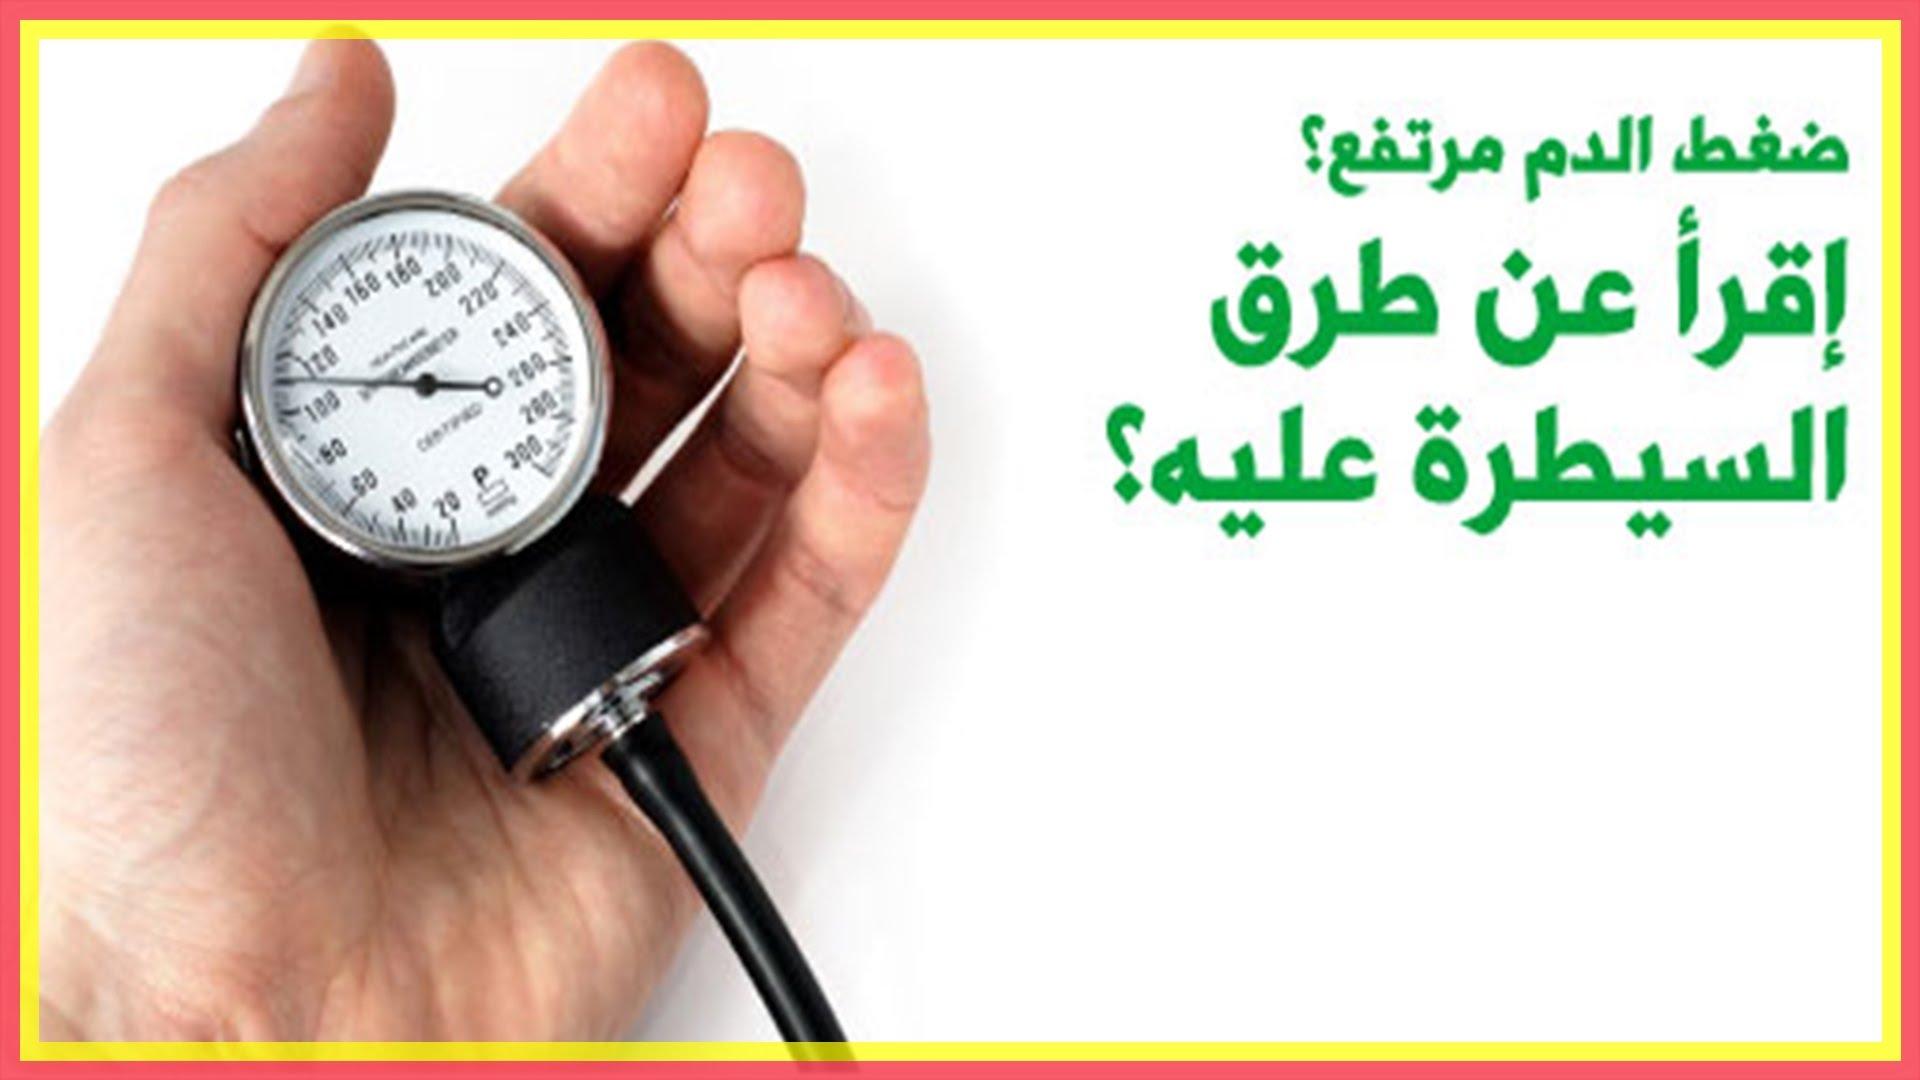 صورة علاج ارتفاع ضغط الدم , كيفيه علاج ارتفاع الضغط الدم